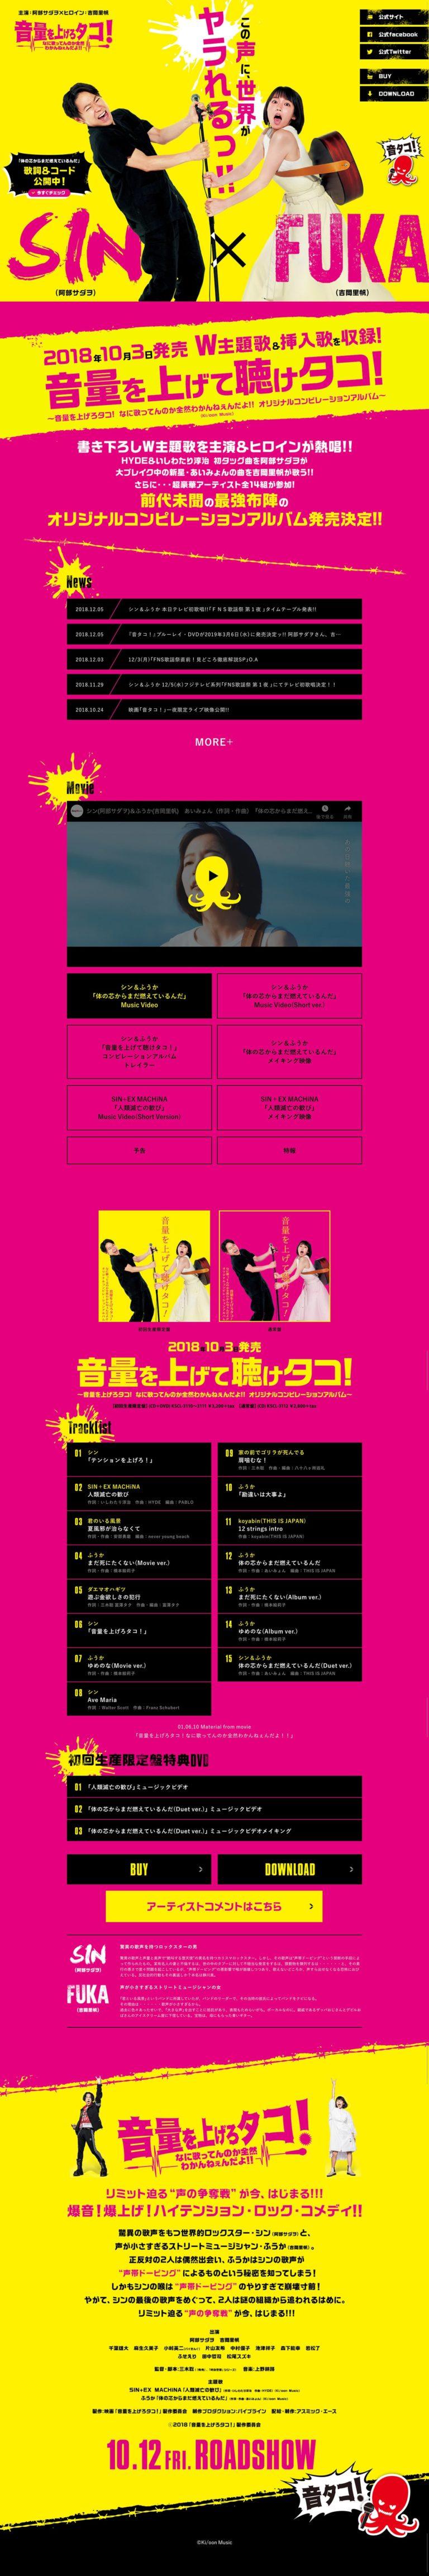 シン(阿部サダヲ)&ふうか(吉岡里帆) オフィシャルサイト